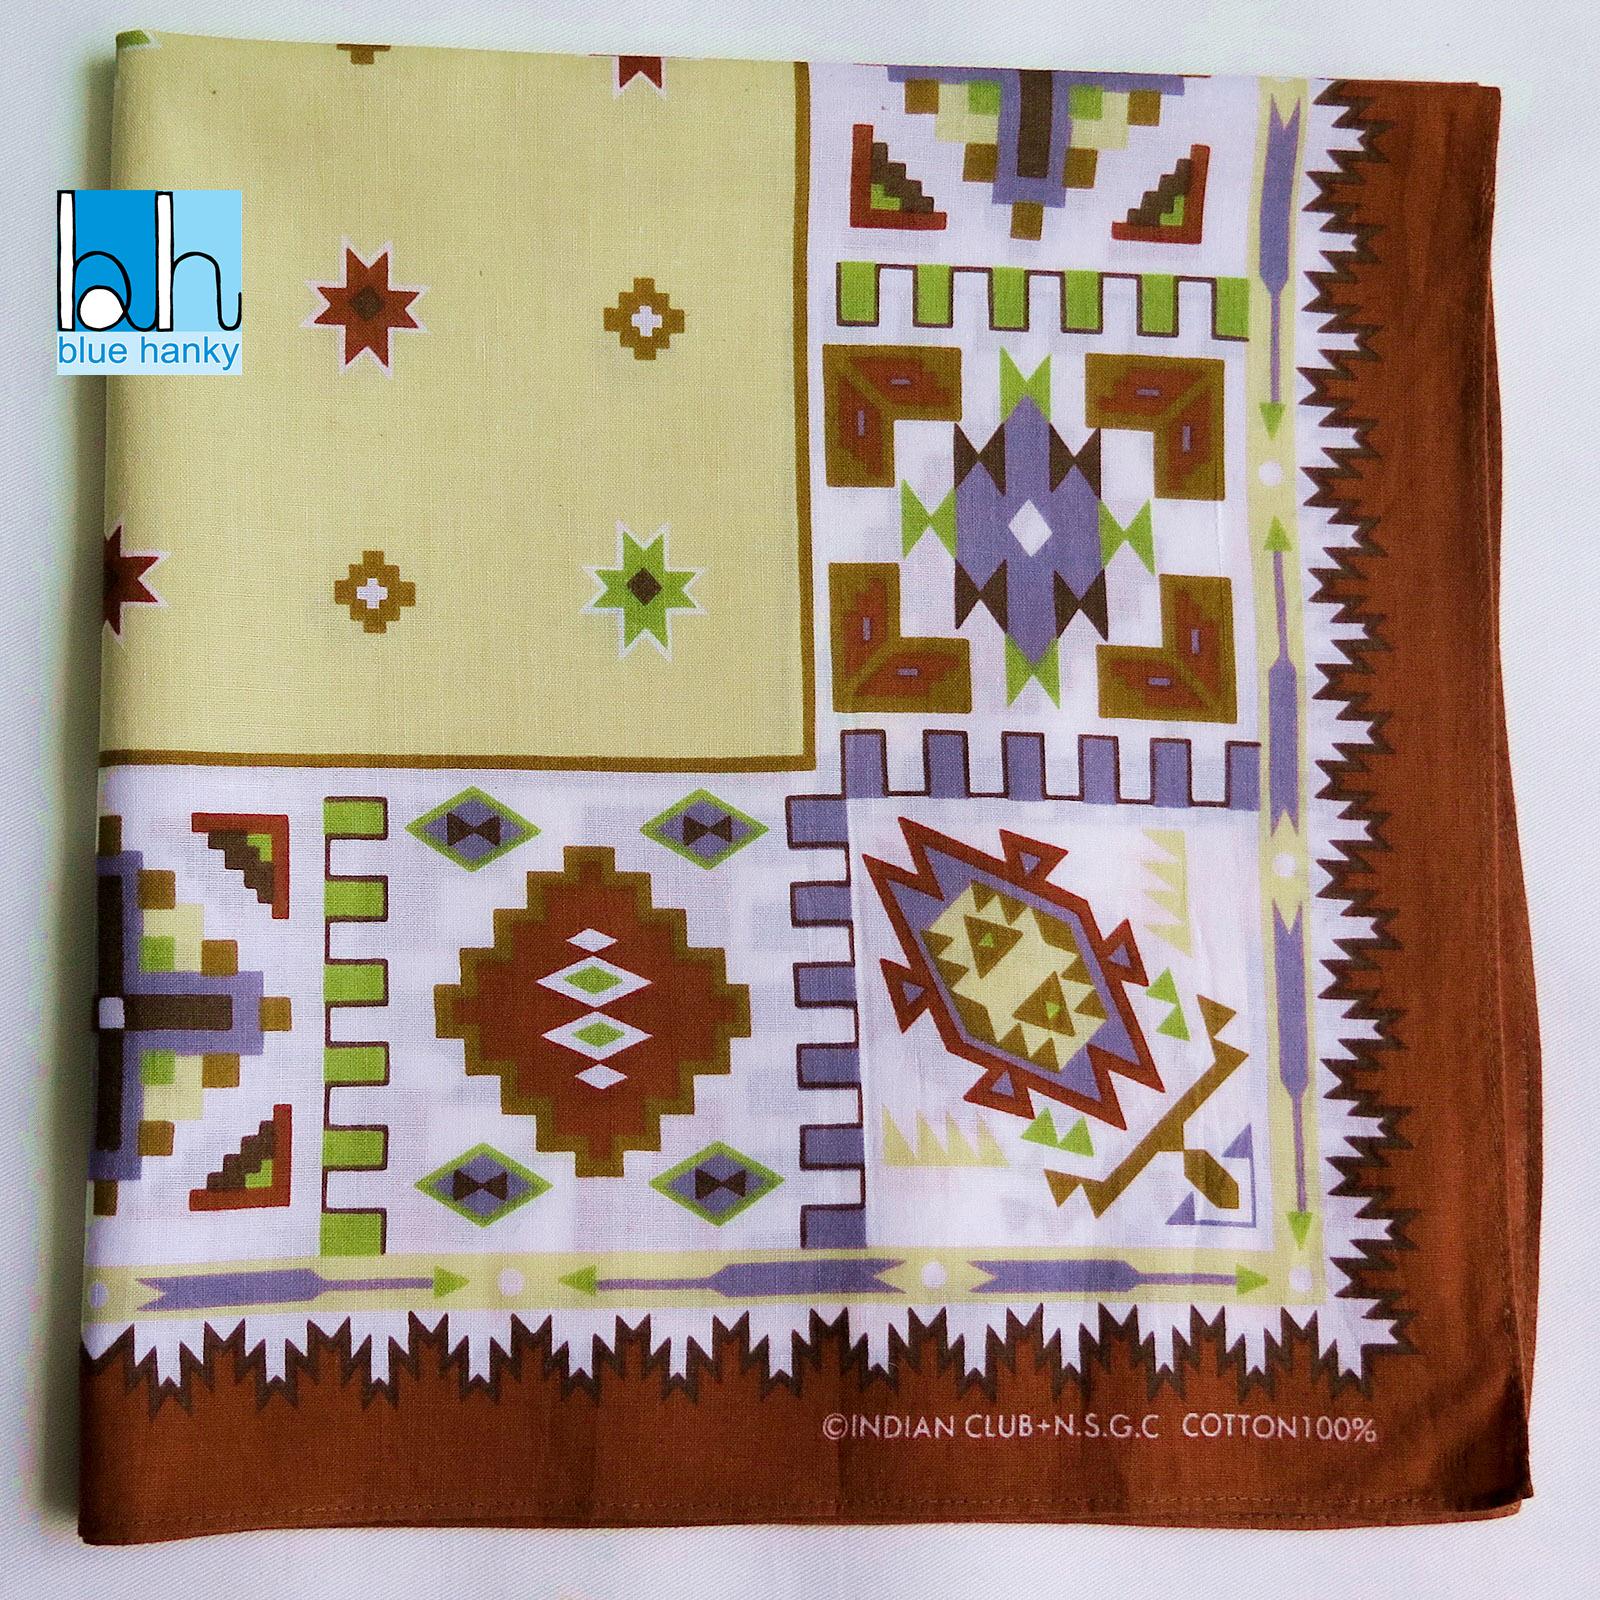 """#285 21"""" INDIAN CLUB ผ้าเช็ดหน้ามือ2 สภาพดี ผ้าเช็ดหน้าผืนใหญ่"""